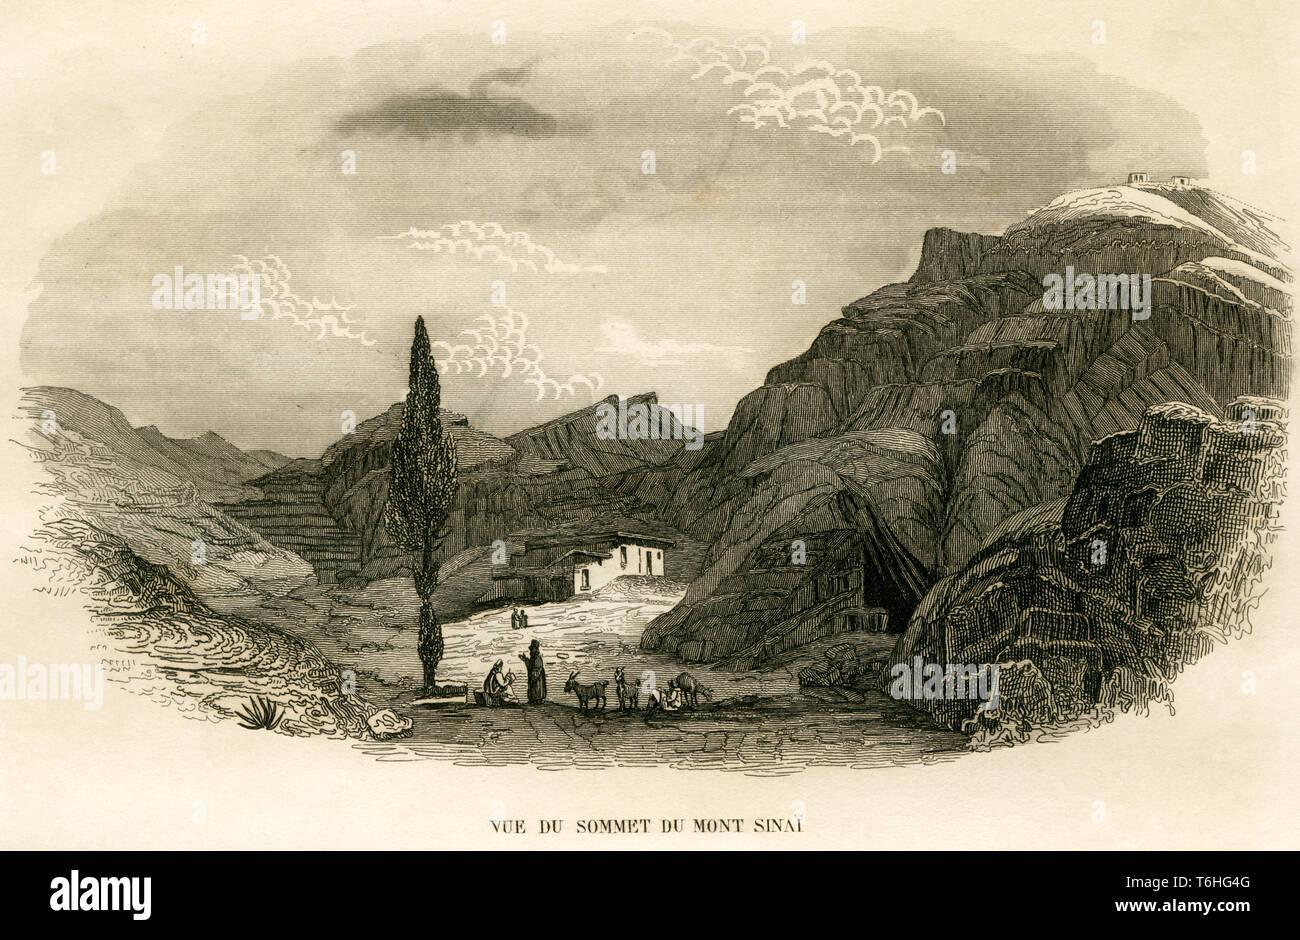 Asien, Ägypten, Sinai Halbinsel, Berg Sinai, Sinai, Kupferstich von Adam nach Monvoisin bei T. Blanchard, 1846 . /  Asia, Egypt, Sinai Peninsula, Moun Stock Photo